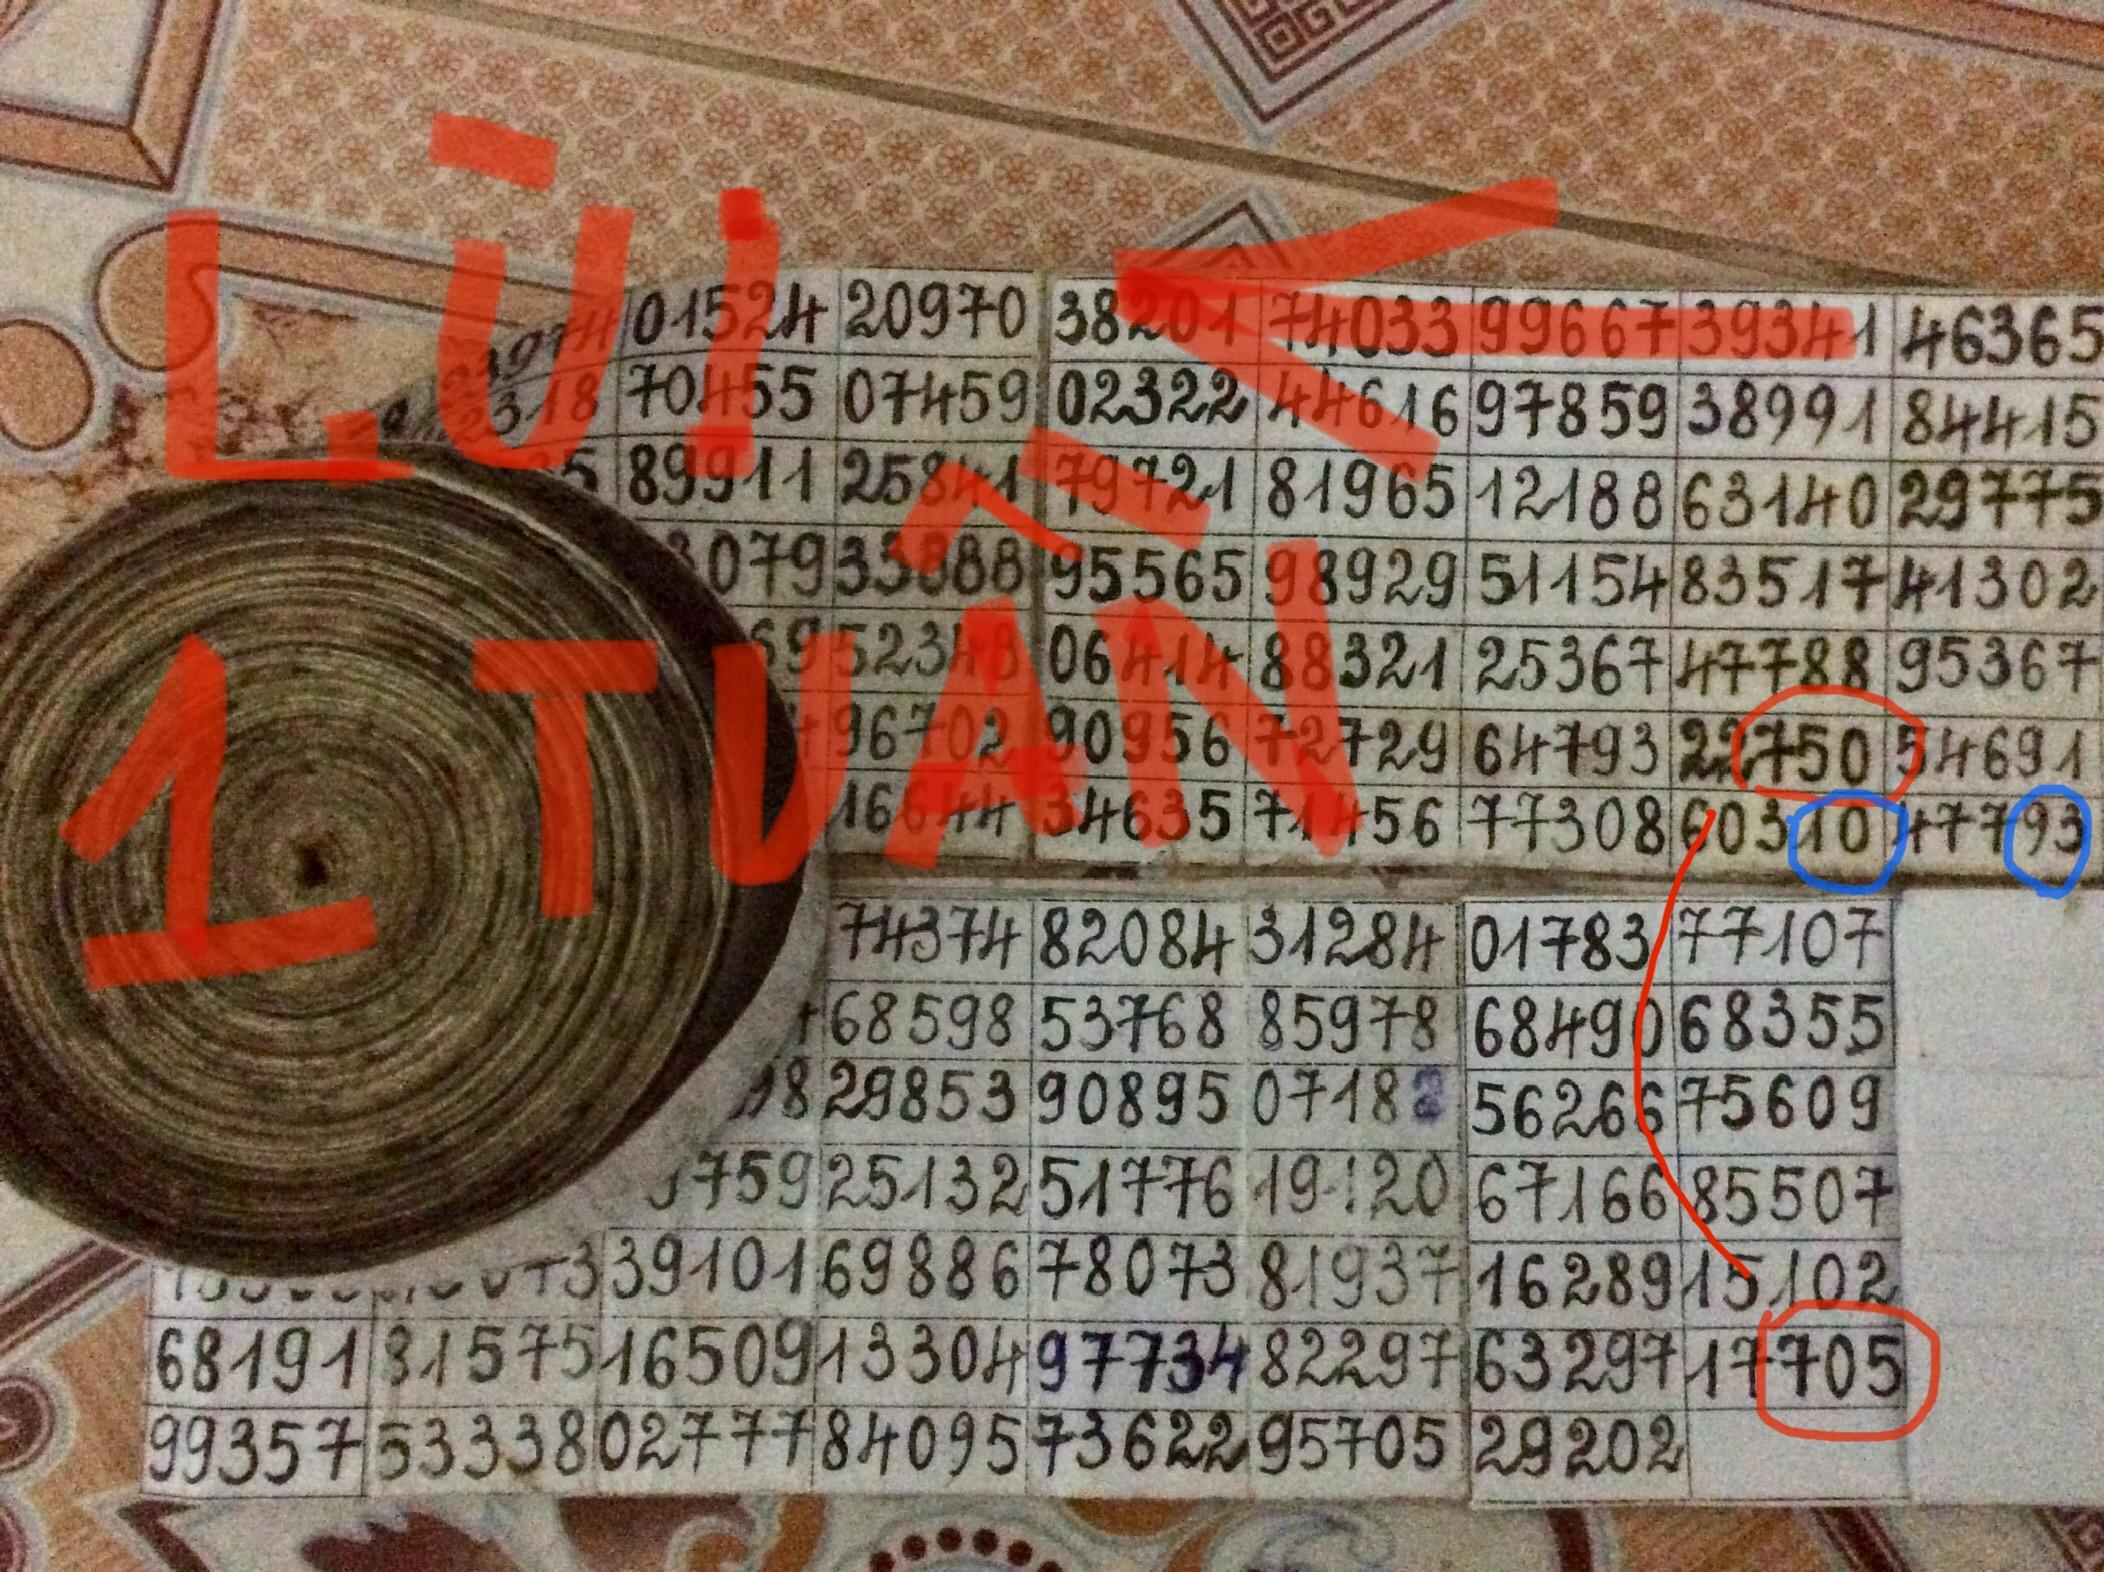 07BEB781-58C3-4B3C-A9E1-184FEA86C5E0.jpeg